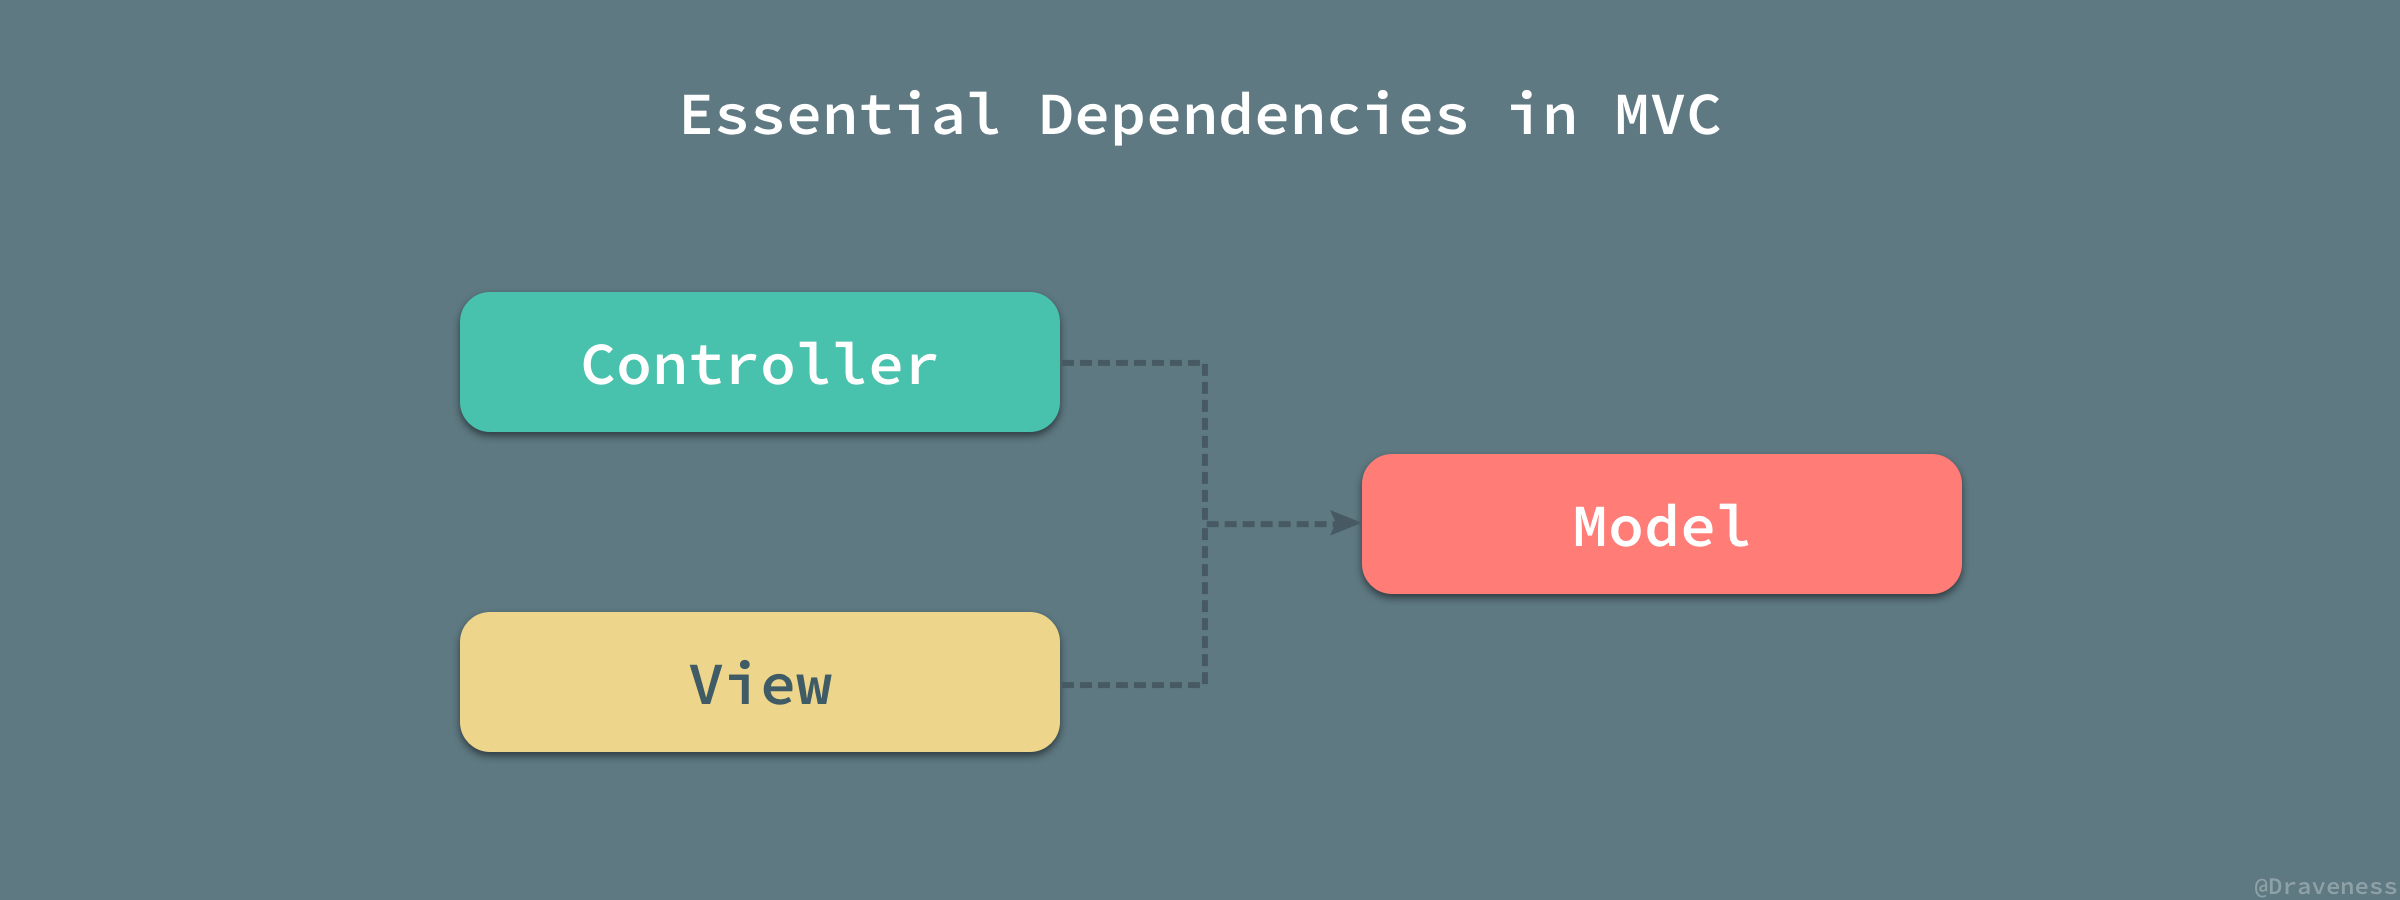 Essential-Dependencies-in-MVC